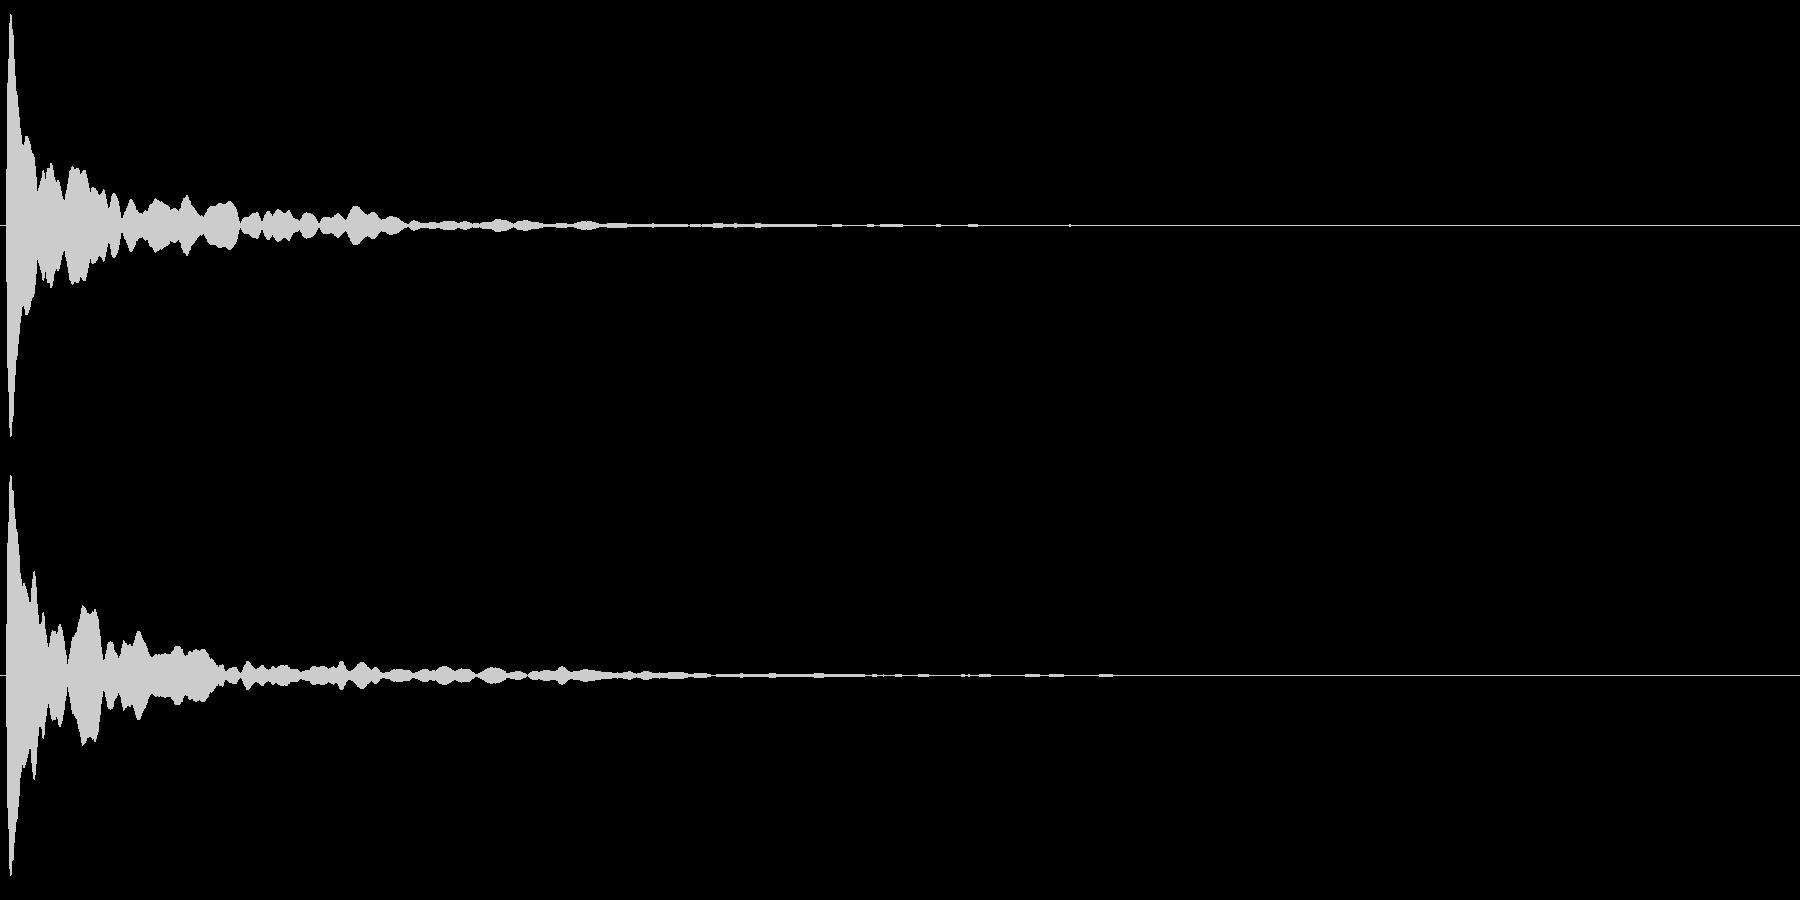 ポーン(テロップやゲームの決定音などに)の未再生の波形